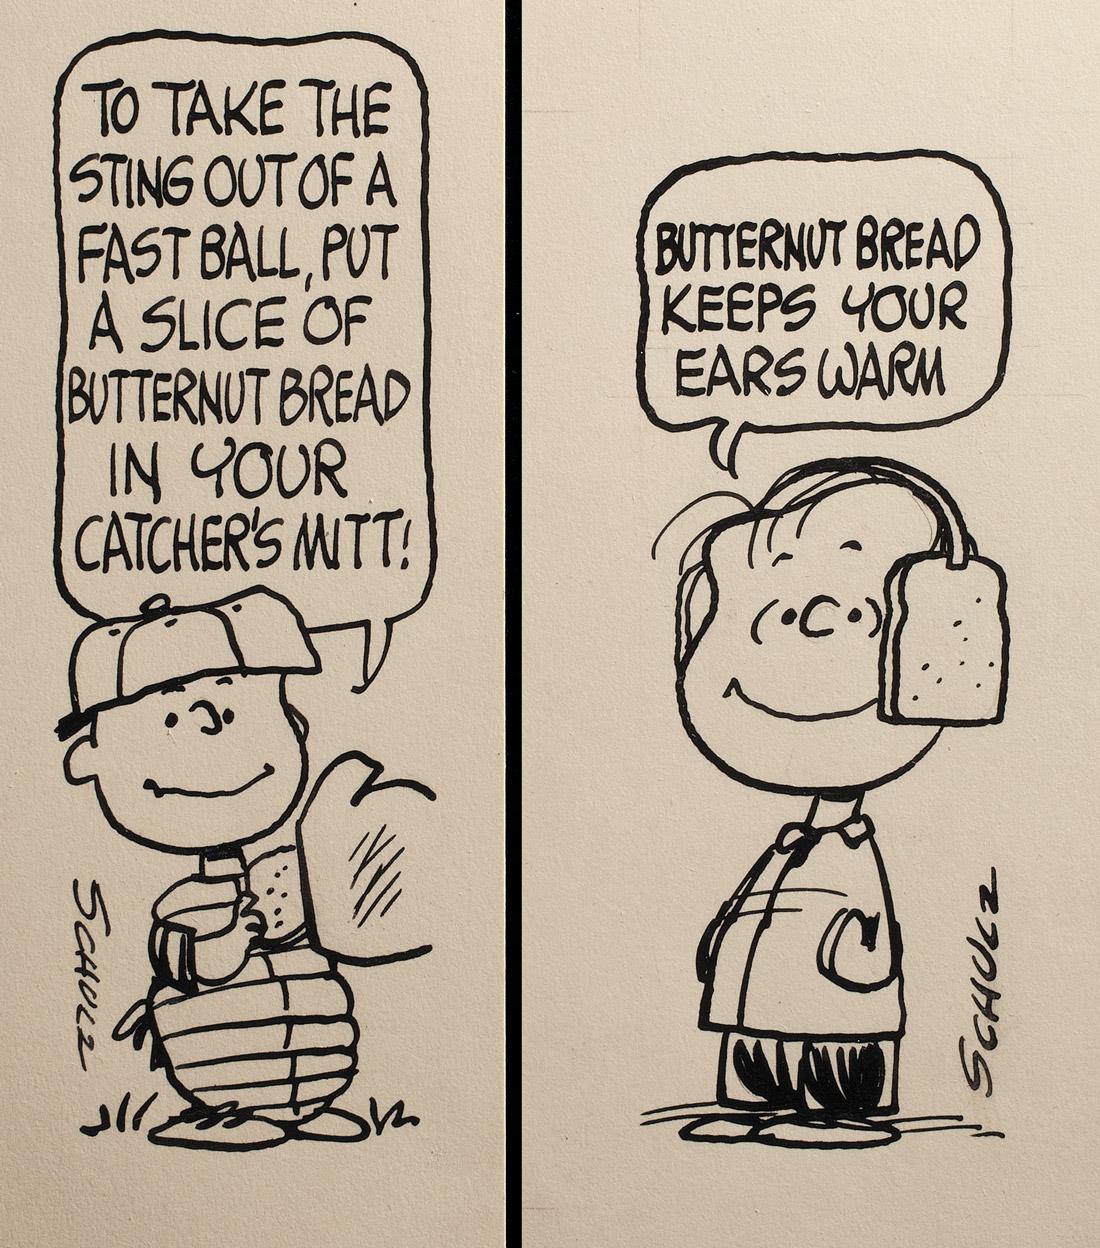 Schulz and \'Peanuts\' still inspire wonder - CNN.com